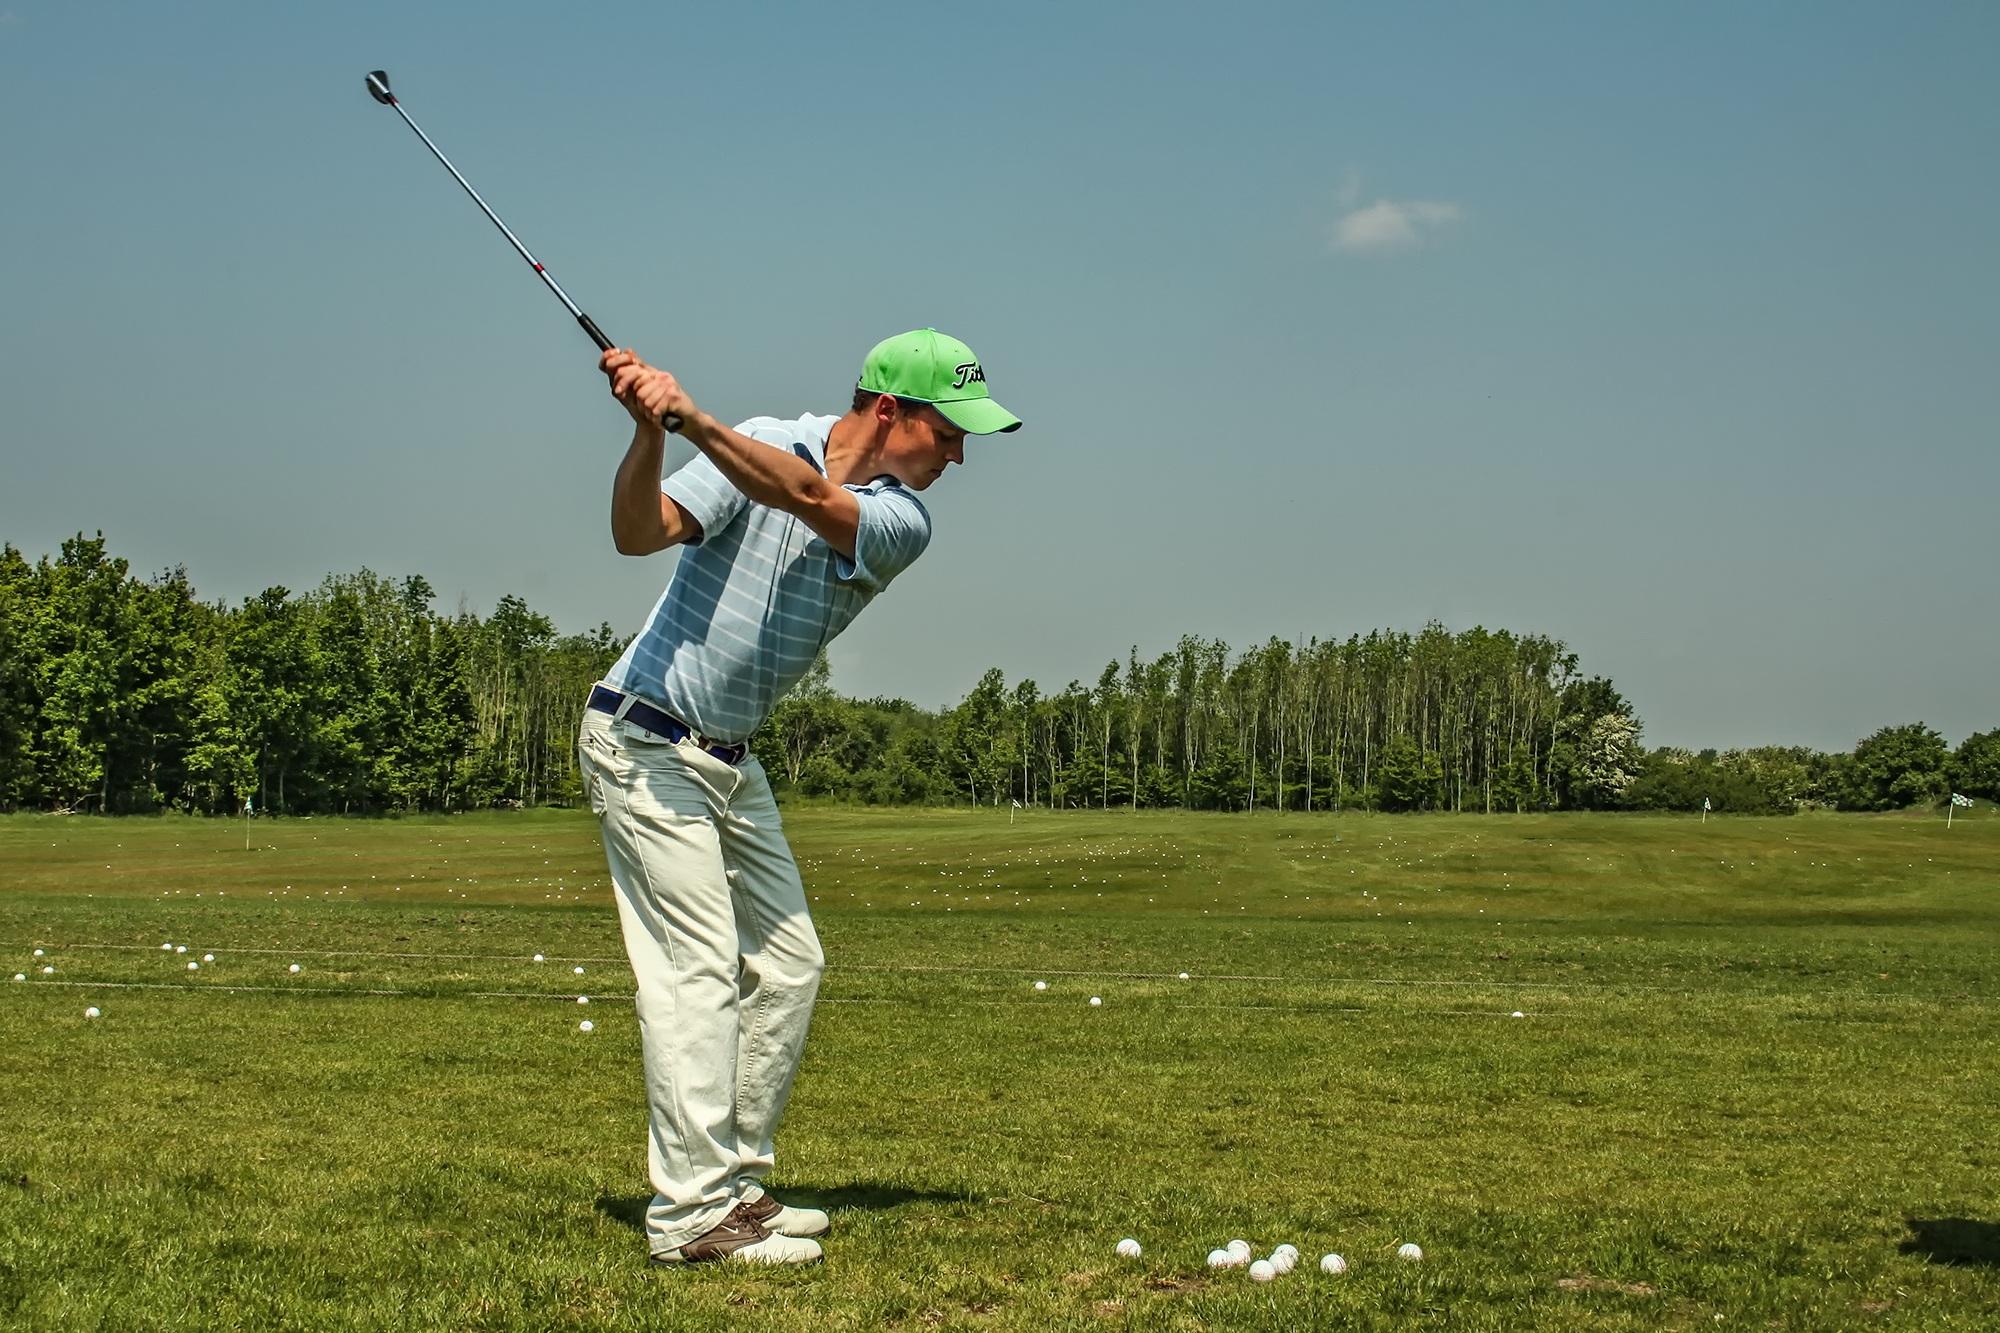 ゴルフのバックスイングの軌道の作り方 テイクバックの正しい肩の回転量は?